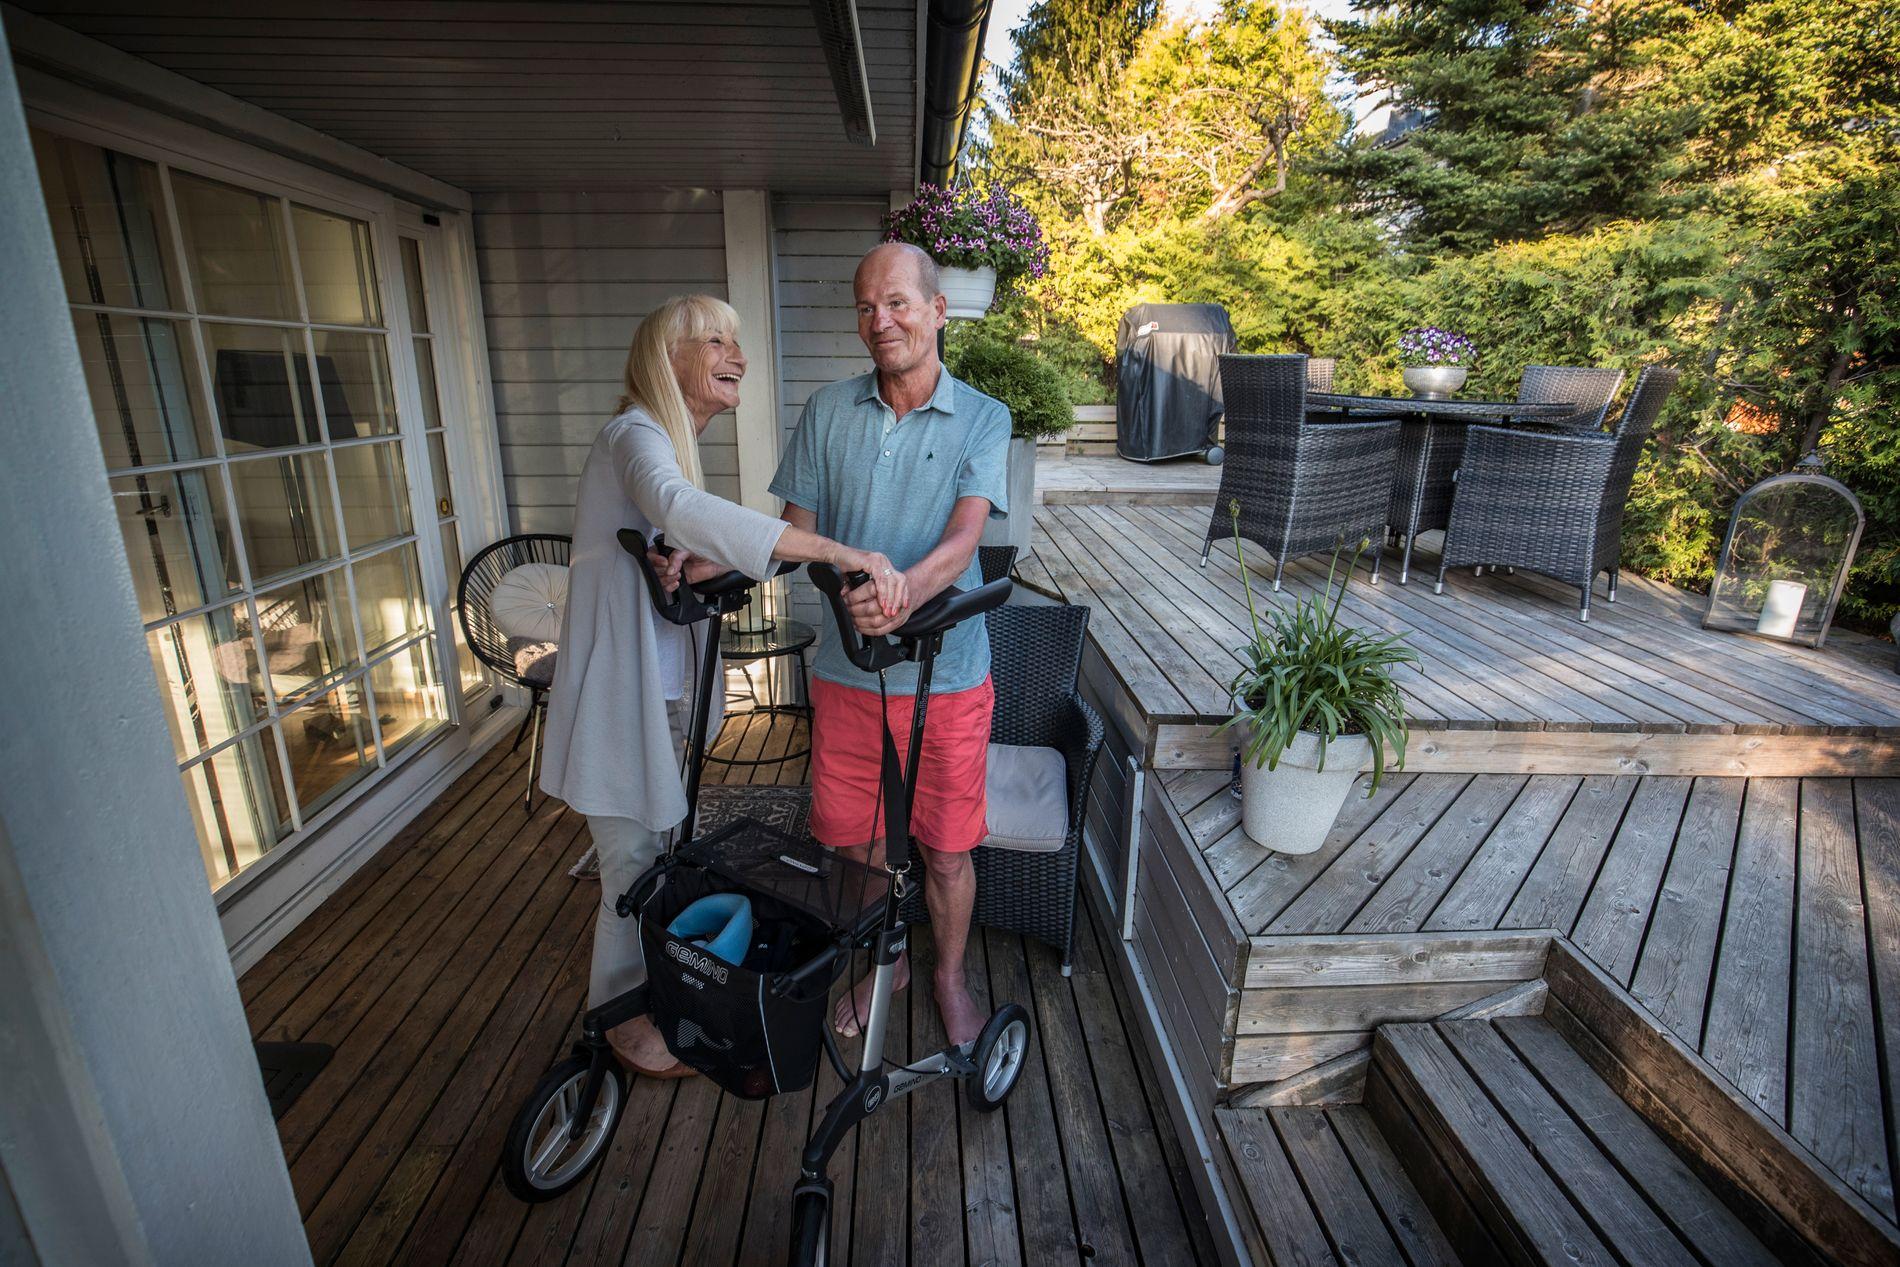 SAMMEN: Johnny Larsåsen forteller at sykdommen ALS har påvirket hele familien hans, og da spesielt kona, Elisabeth. Hun har vært med ham på alle behandlingsreisene til utlandet.